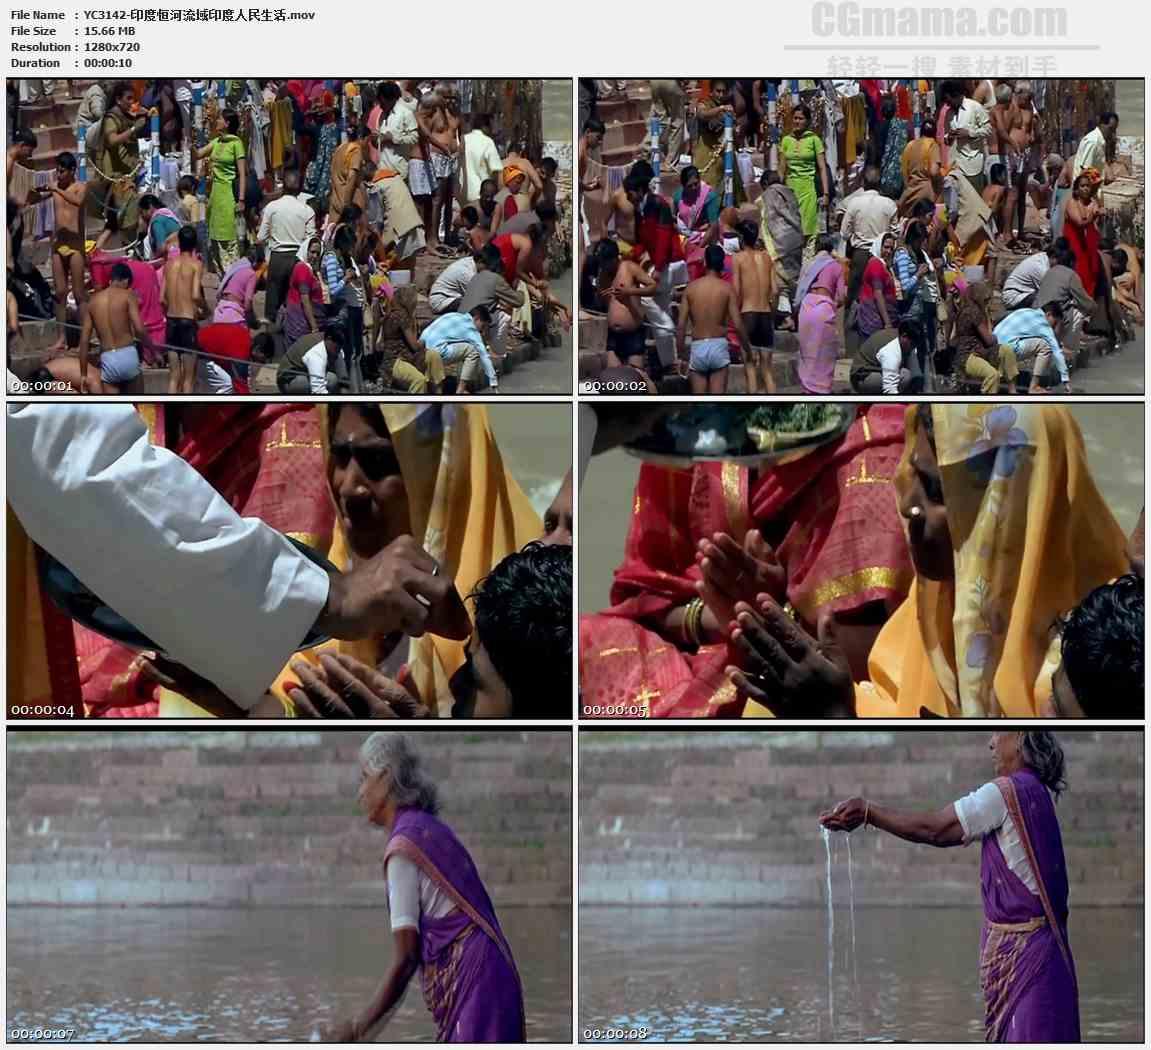 YC3142-印度恒河流域印度人民生活高清实拍视频素材